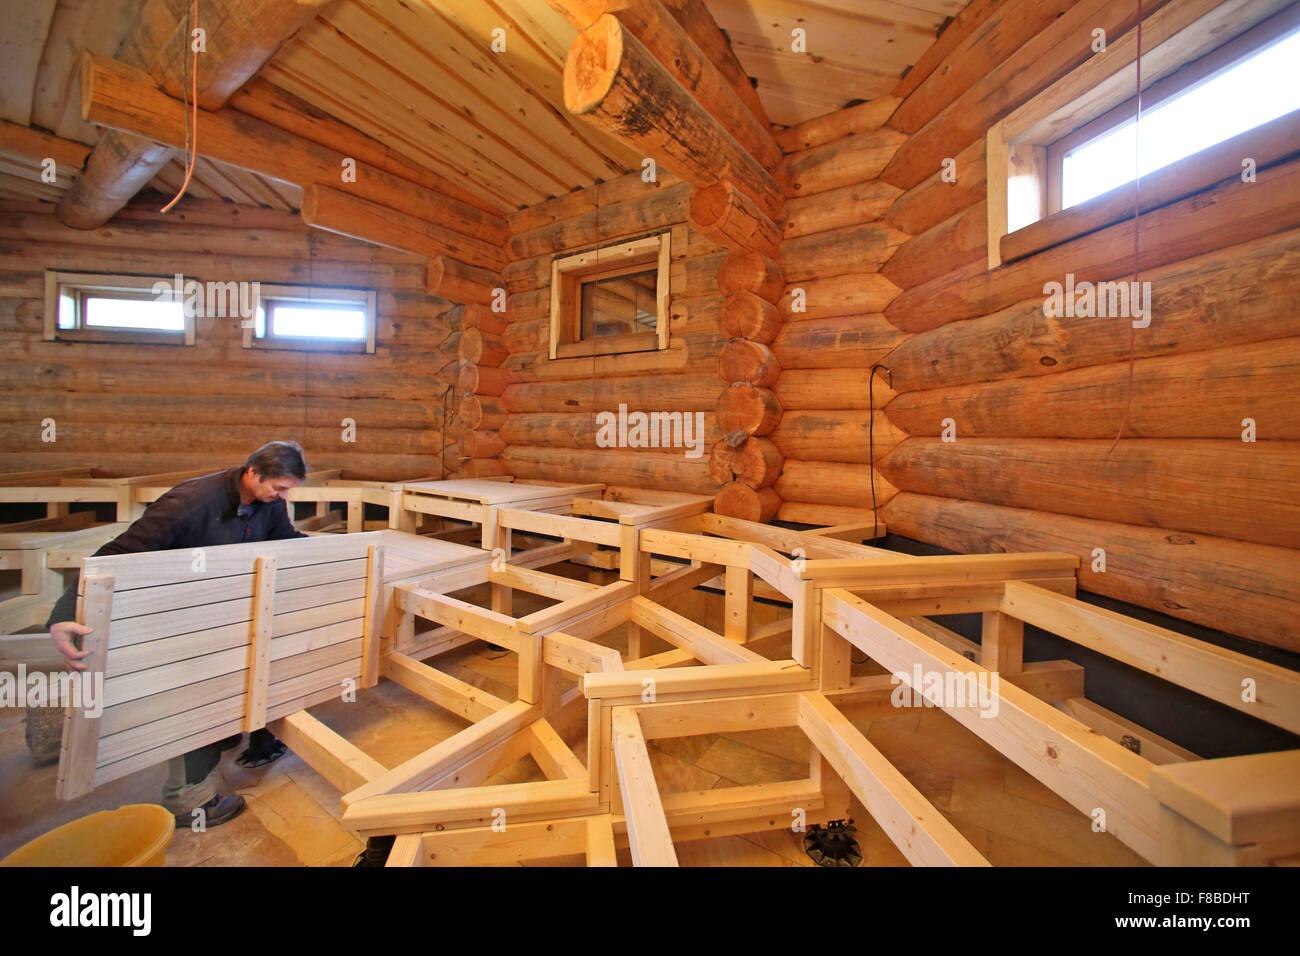 tischler robby weiss arbeiten auf b nken f r eine gro e neue russische sauna am badegaerten lit. Black Bedroom Furniture Sets. Home Design Ideas